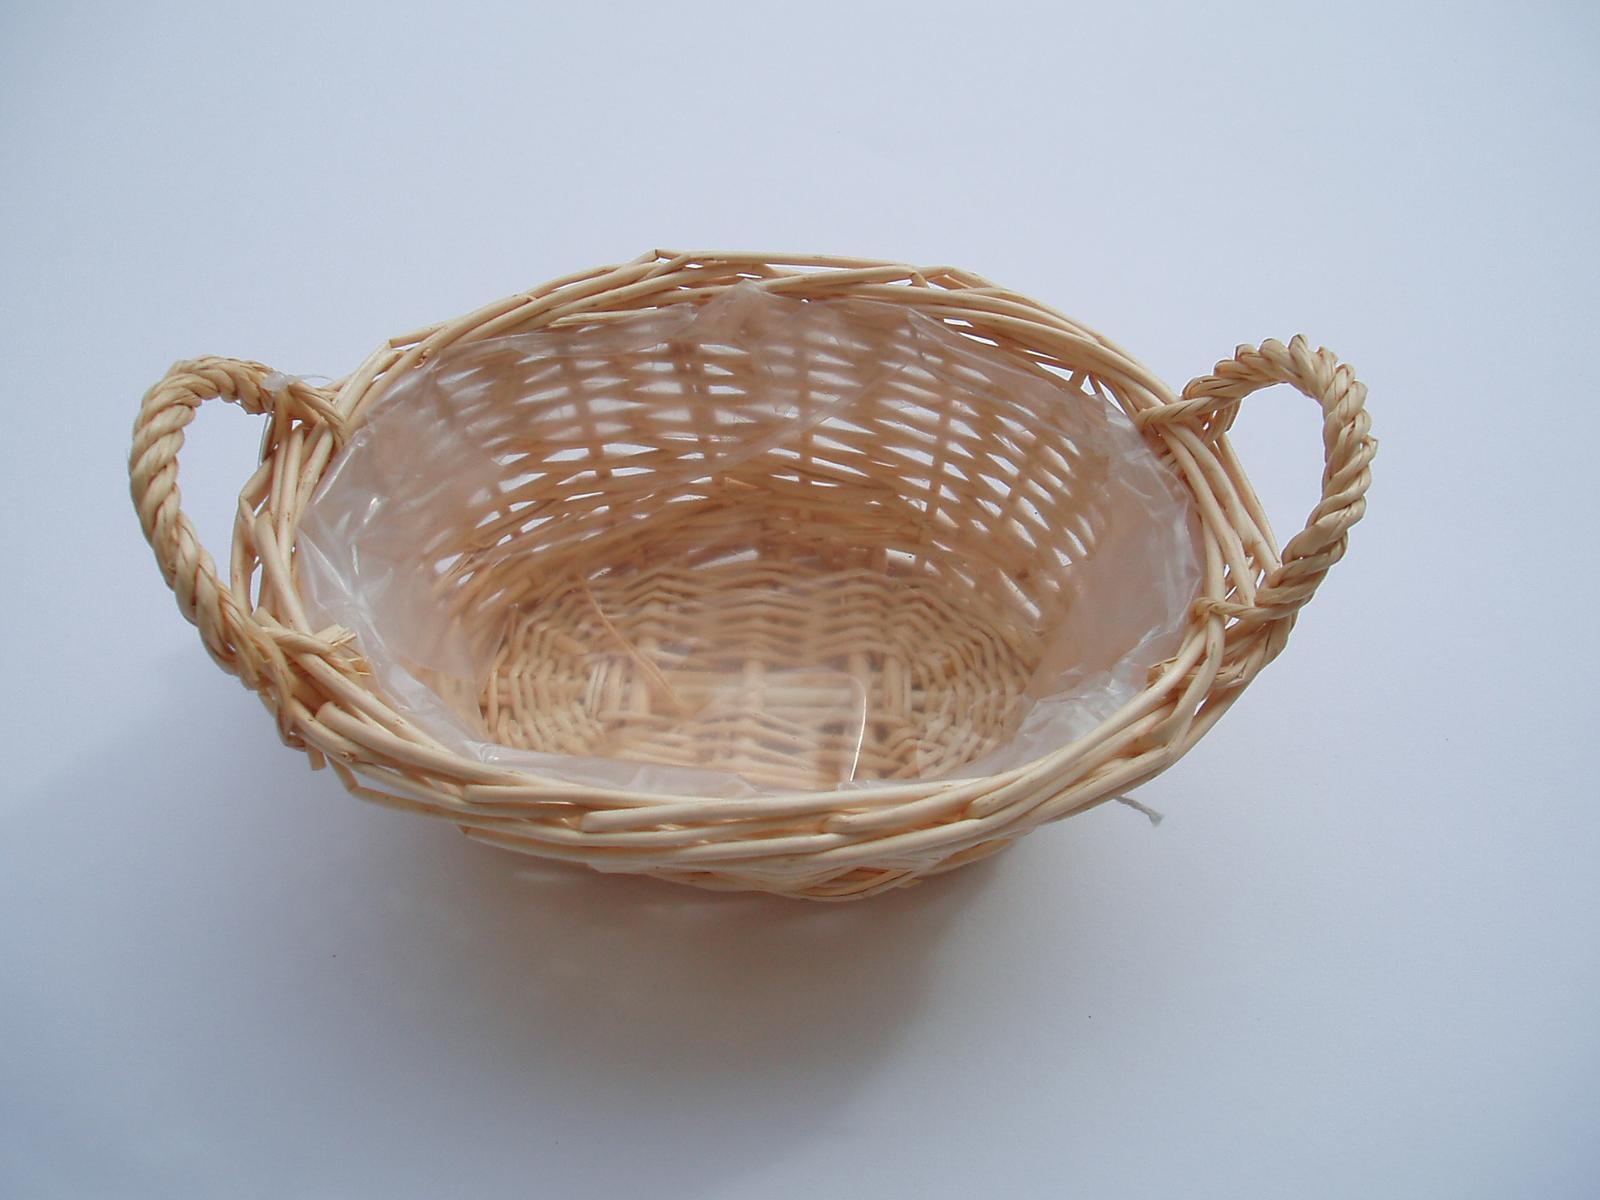 oválný košík - Obrázek č. 1